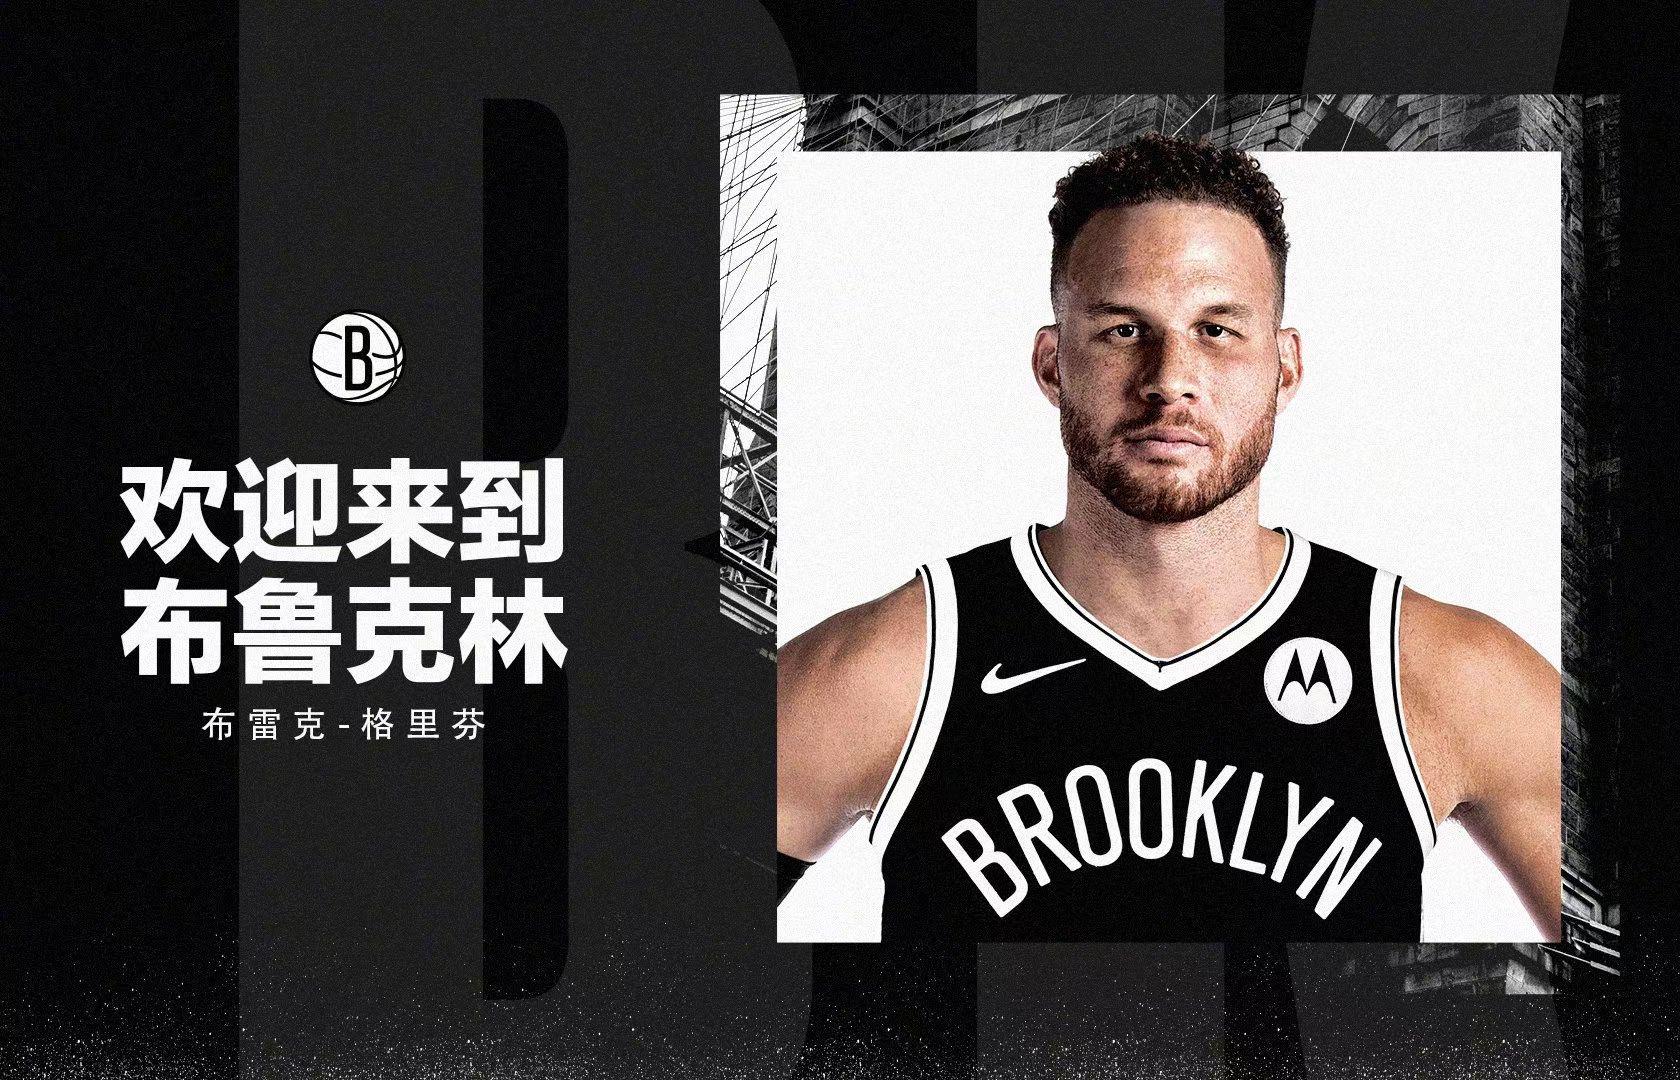 官方:篮网正式签下布雷克-格里芬,将身穿2号球衣